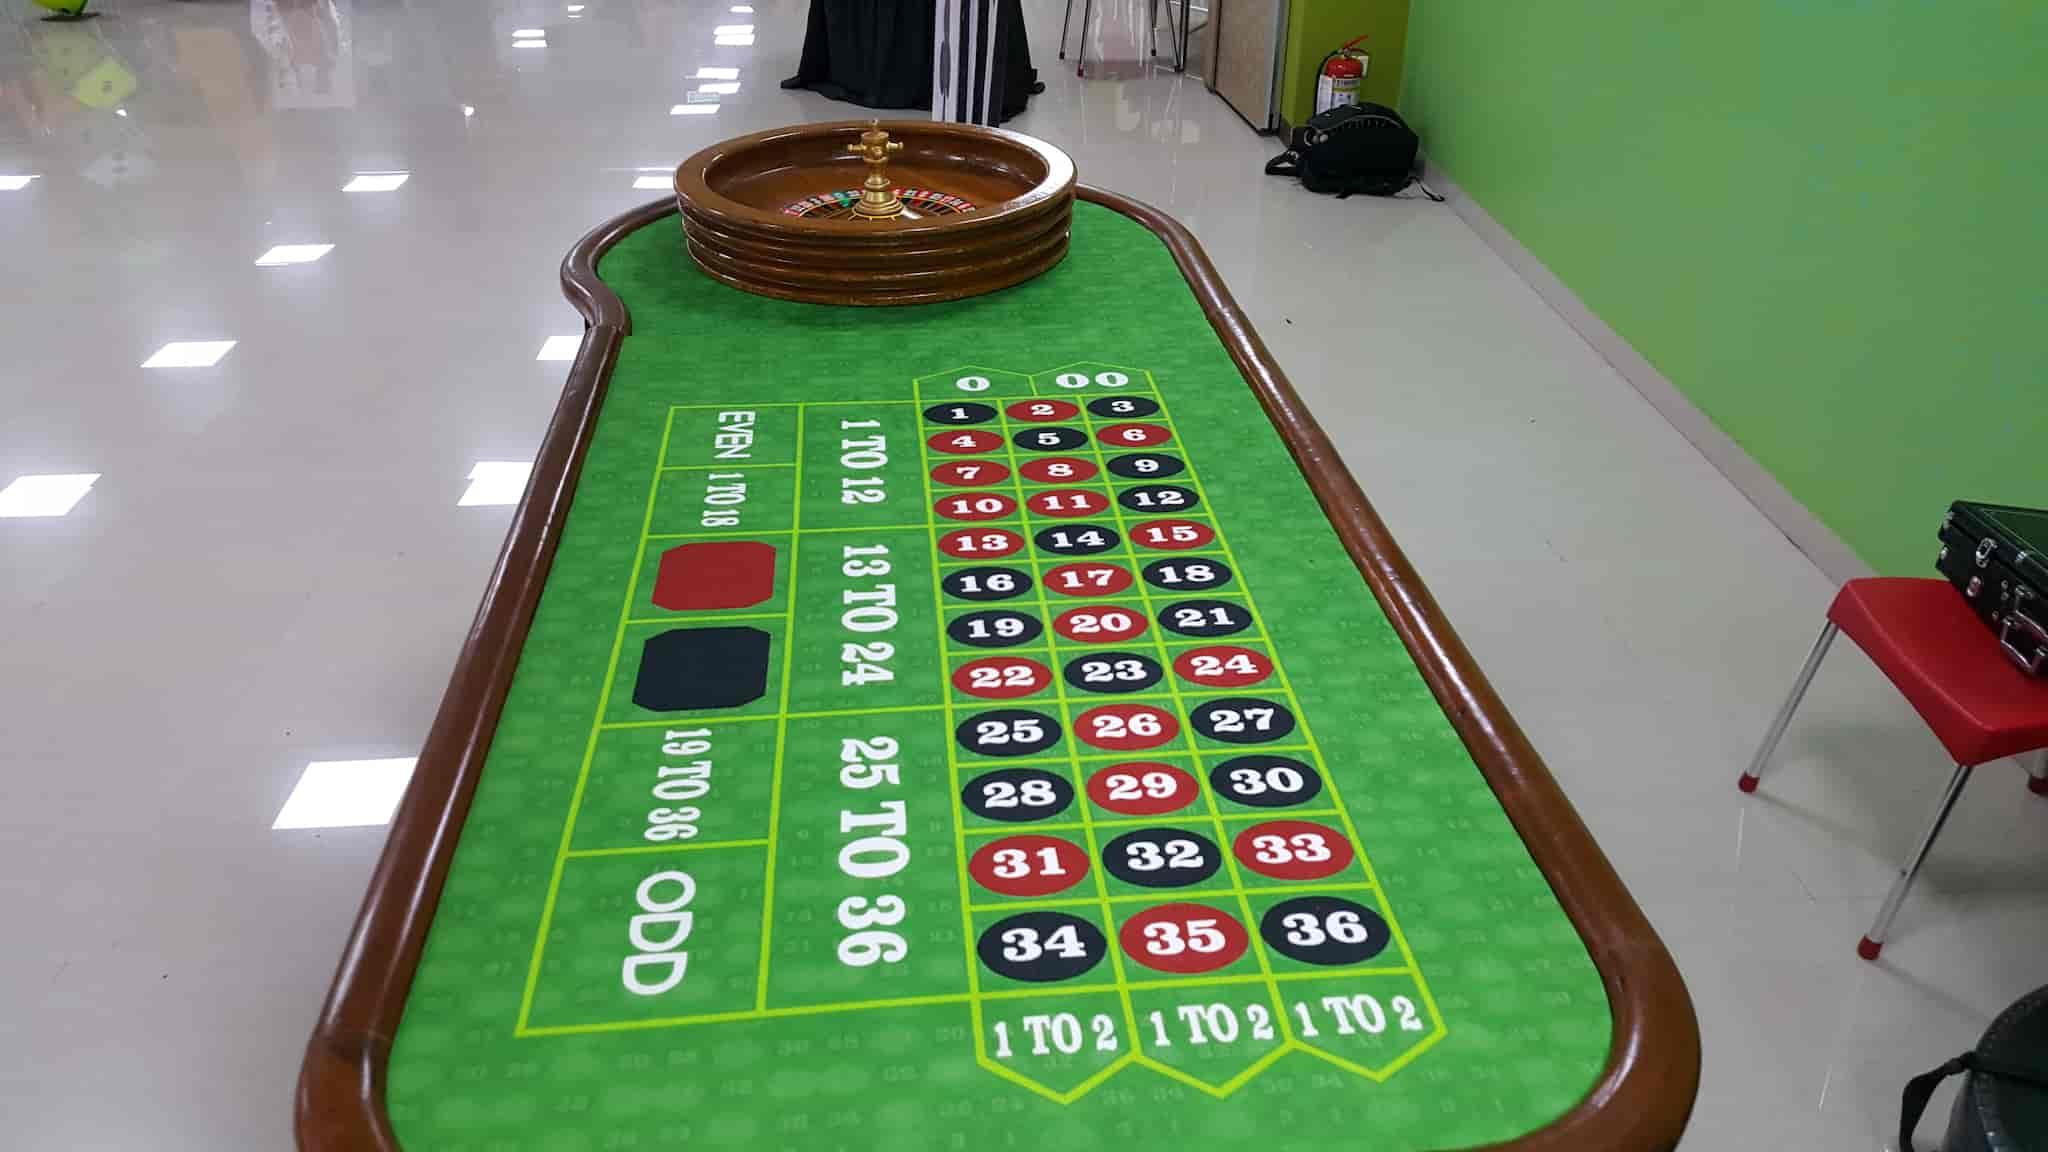 Baseball hall of fame gambling